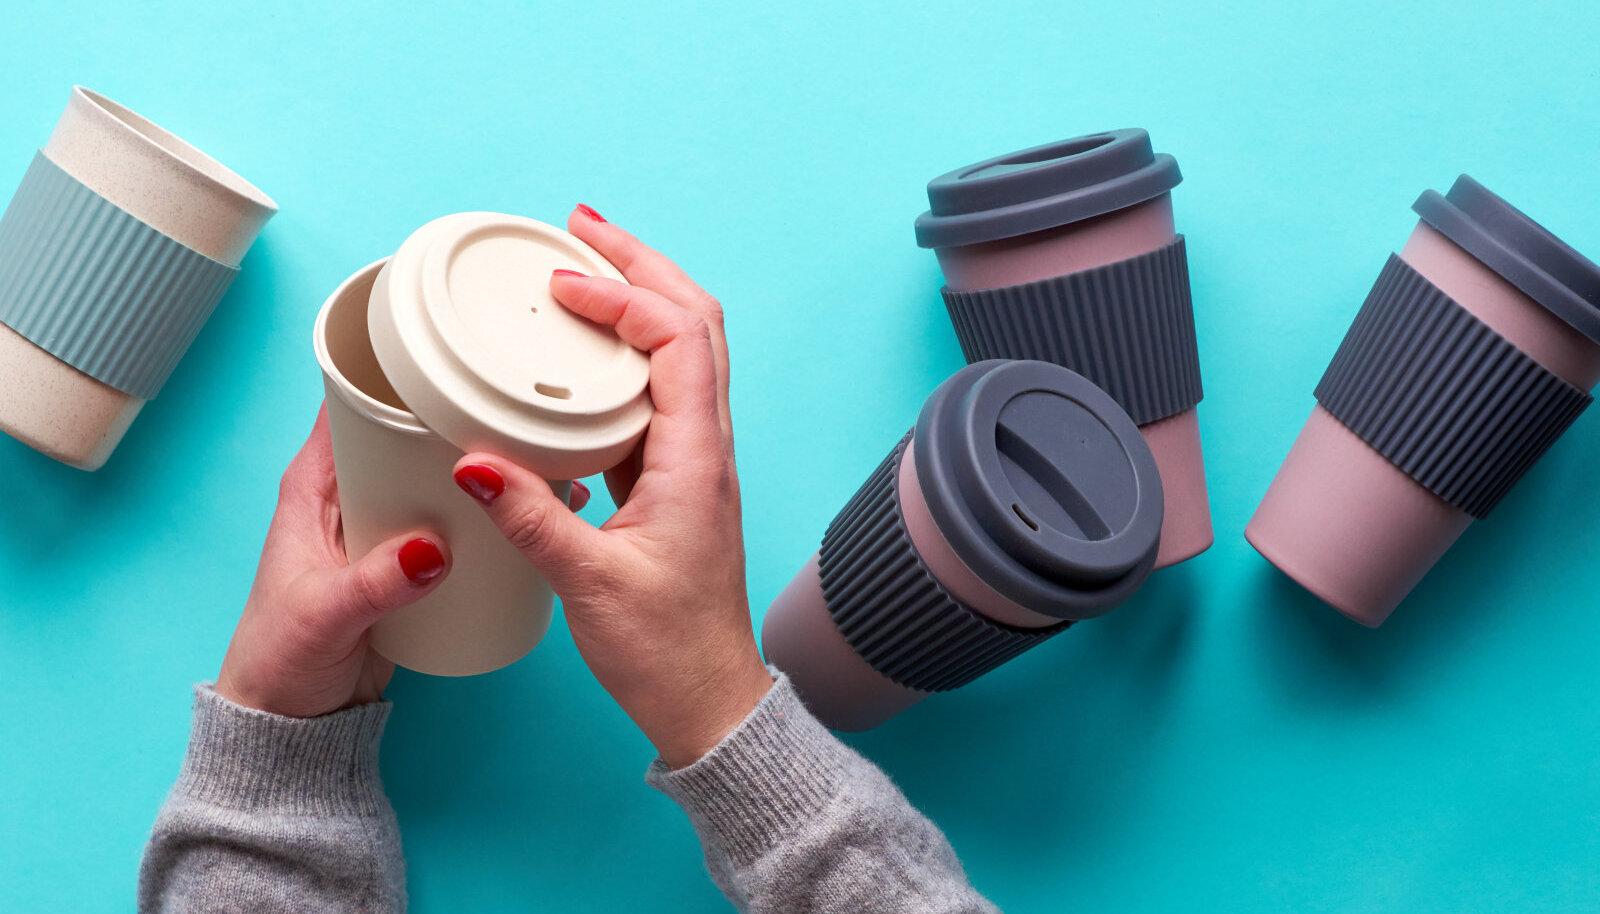 Enim on nõuetele mittevastavaid tooteid sooja joogi topside ja laste sööginõude hulgas.Pilt on illustreeriv.